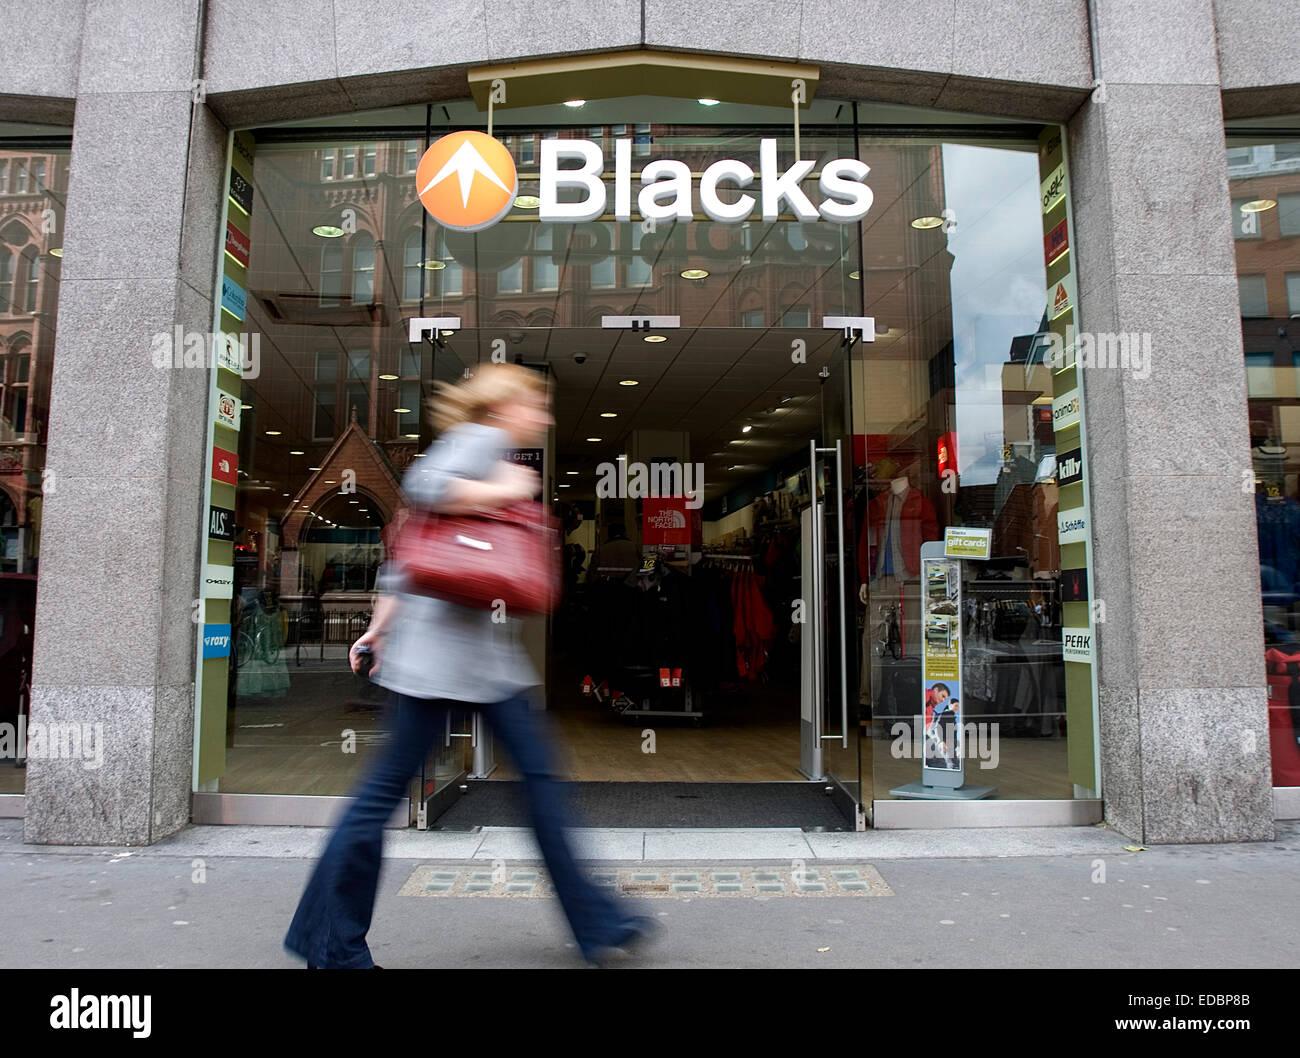 Una persona pasa por delante de una sucursal de negros Leisure Group, en Londres. 28/05/09 Imagen De Stock